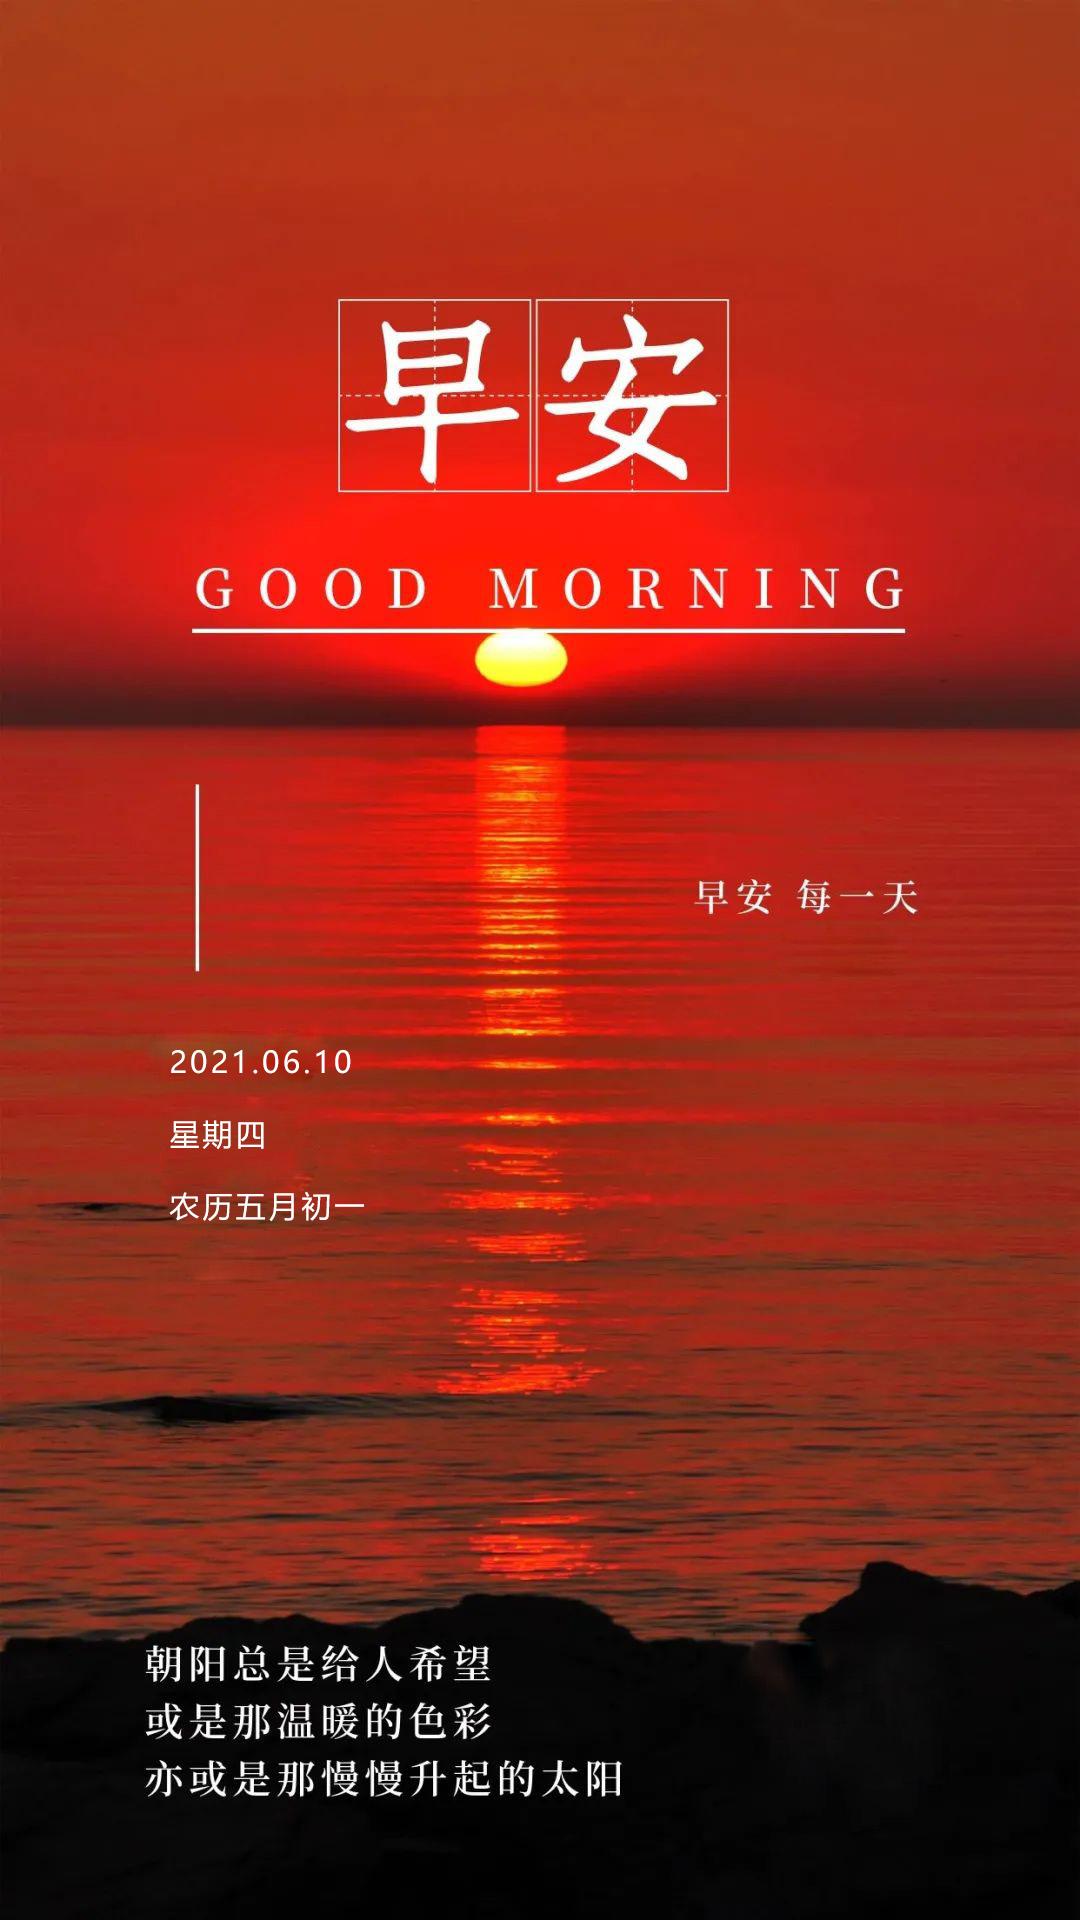 早晨好的正能量阳光问候图片语句,朋友圈励志早安文字